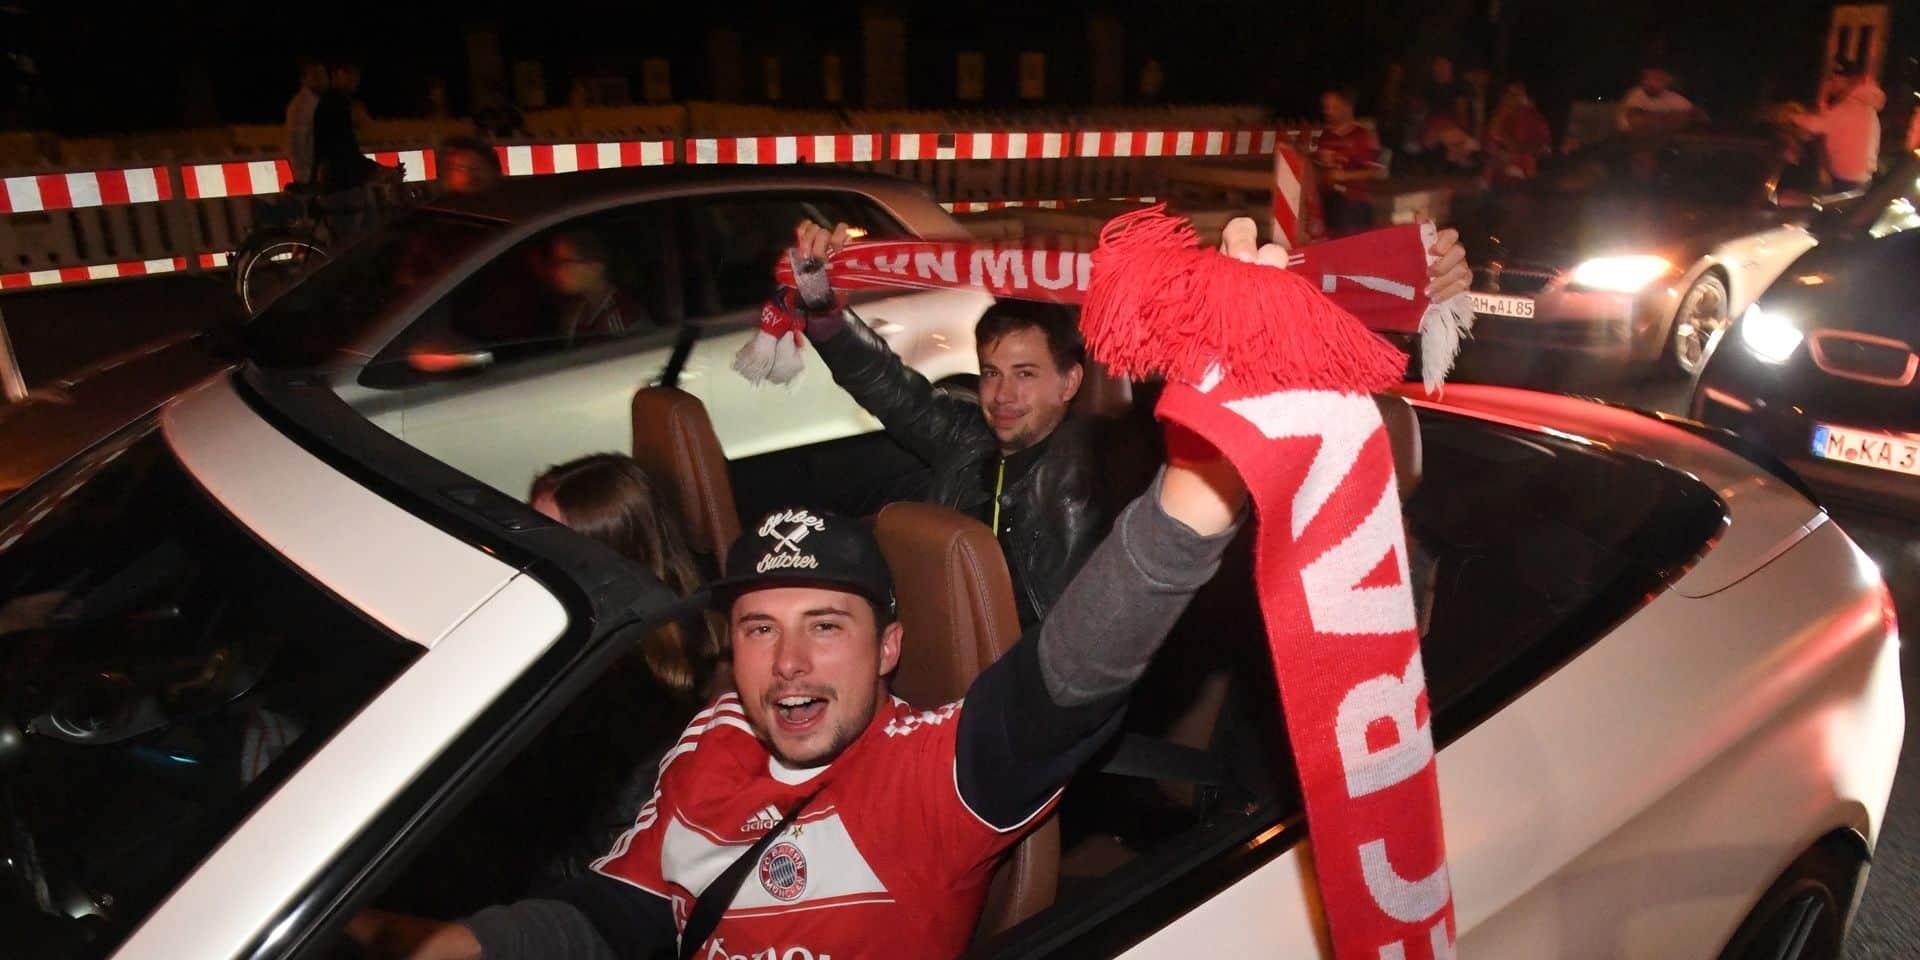 La police de Munich a arrêté des supporters du Bayern qui fêtaient la victoire